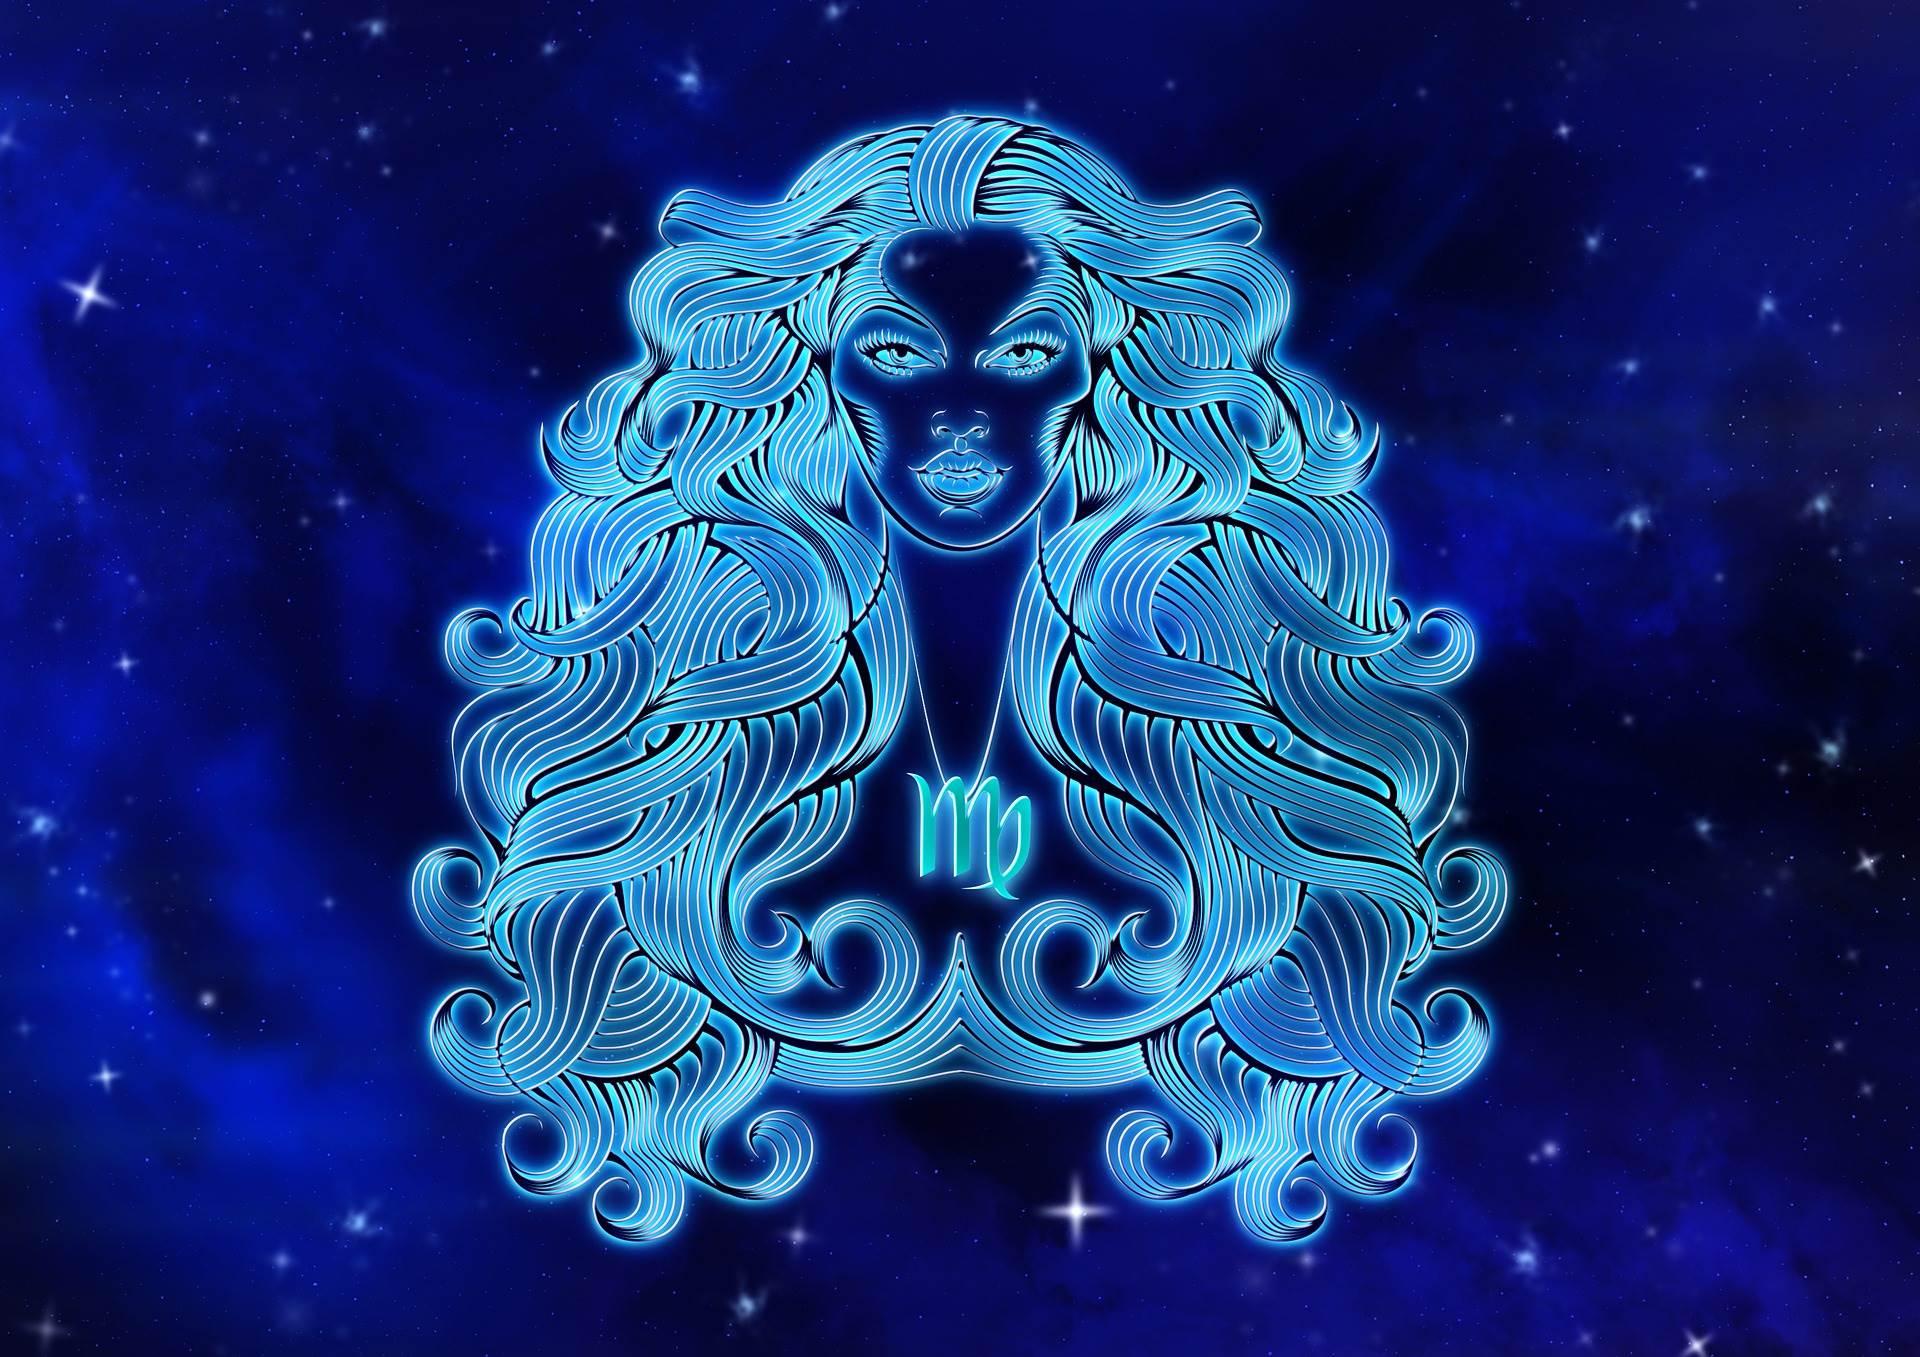 Horoscop urania fecioara